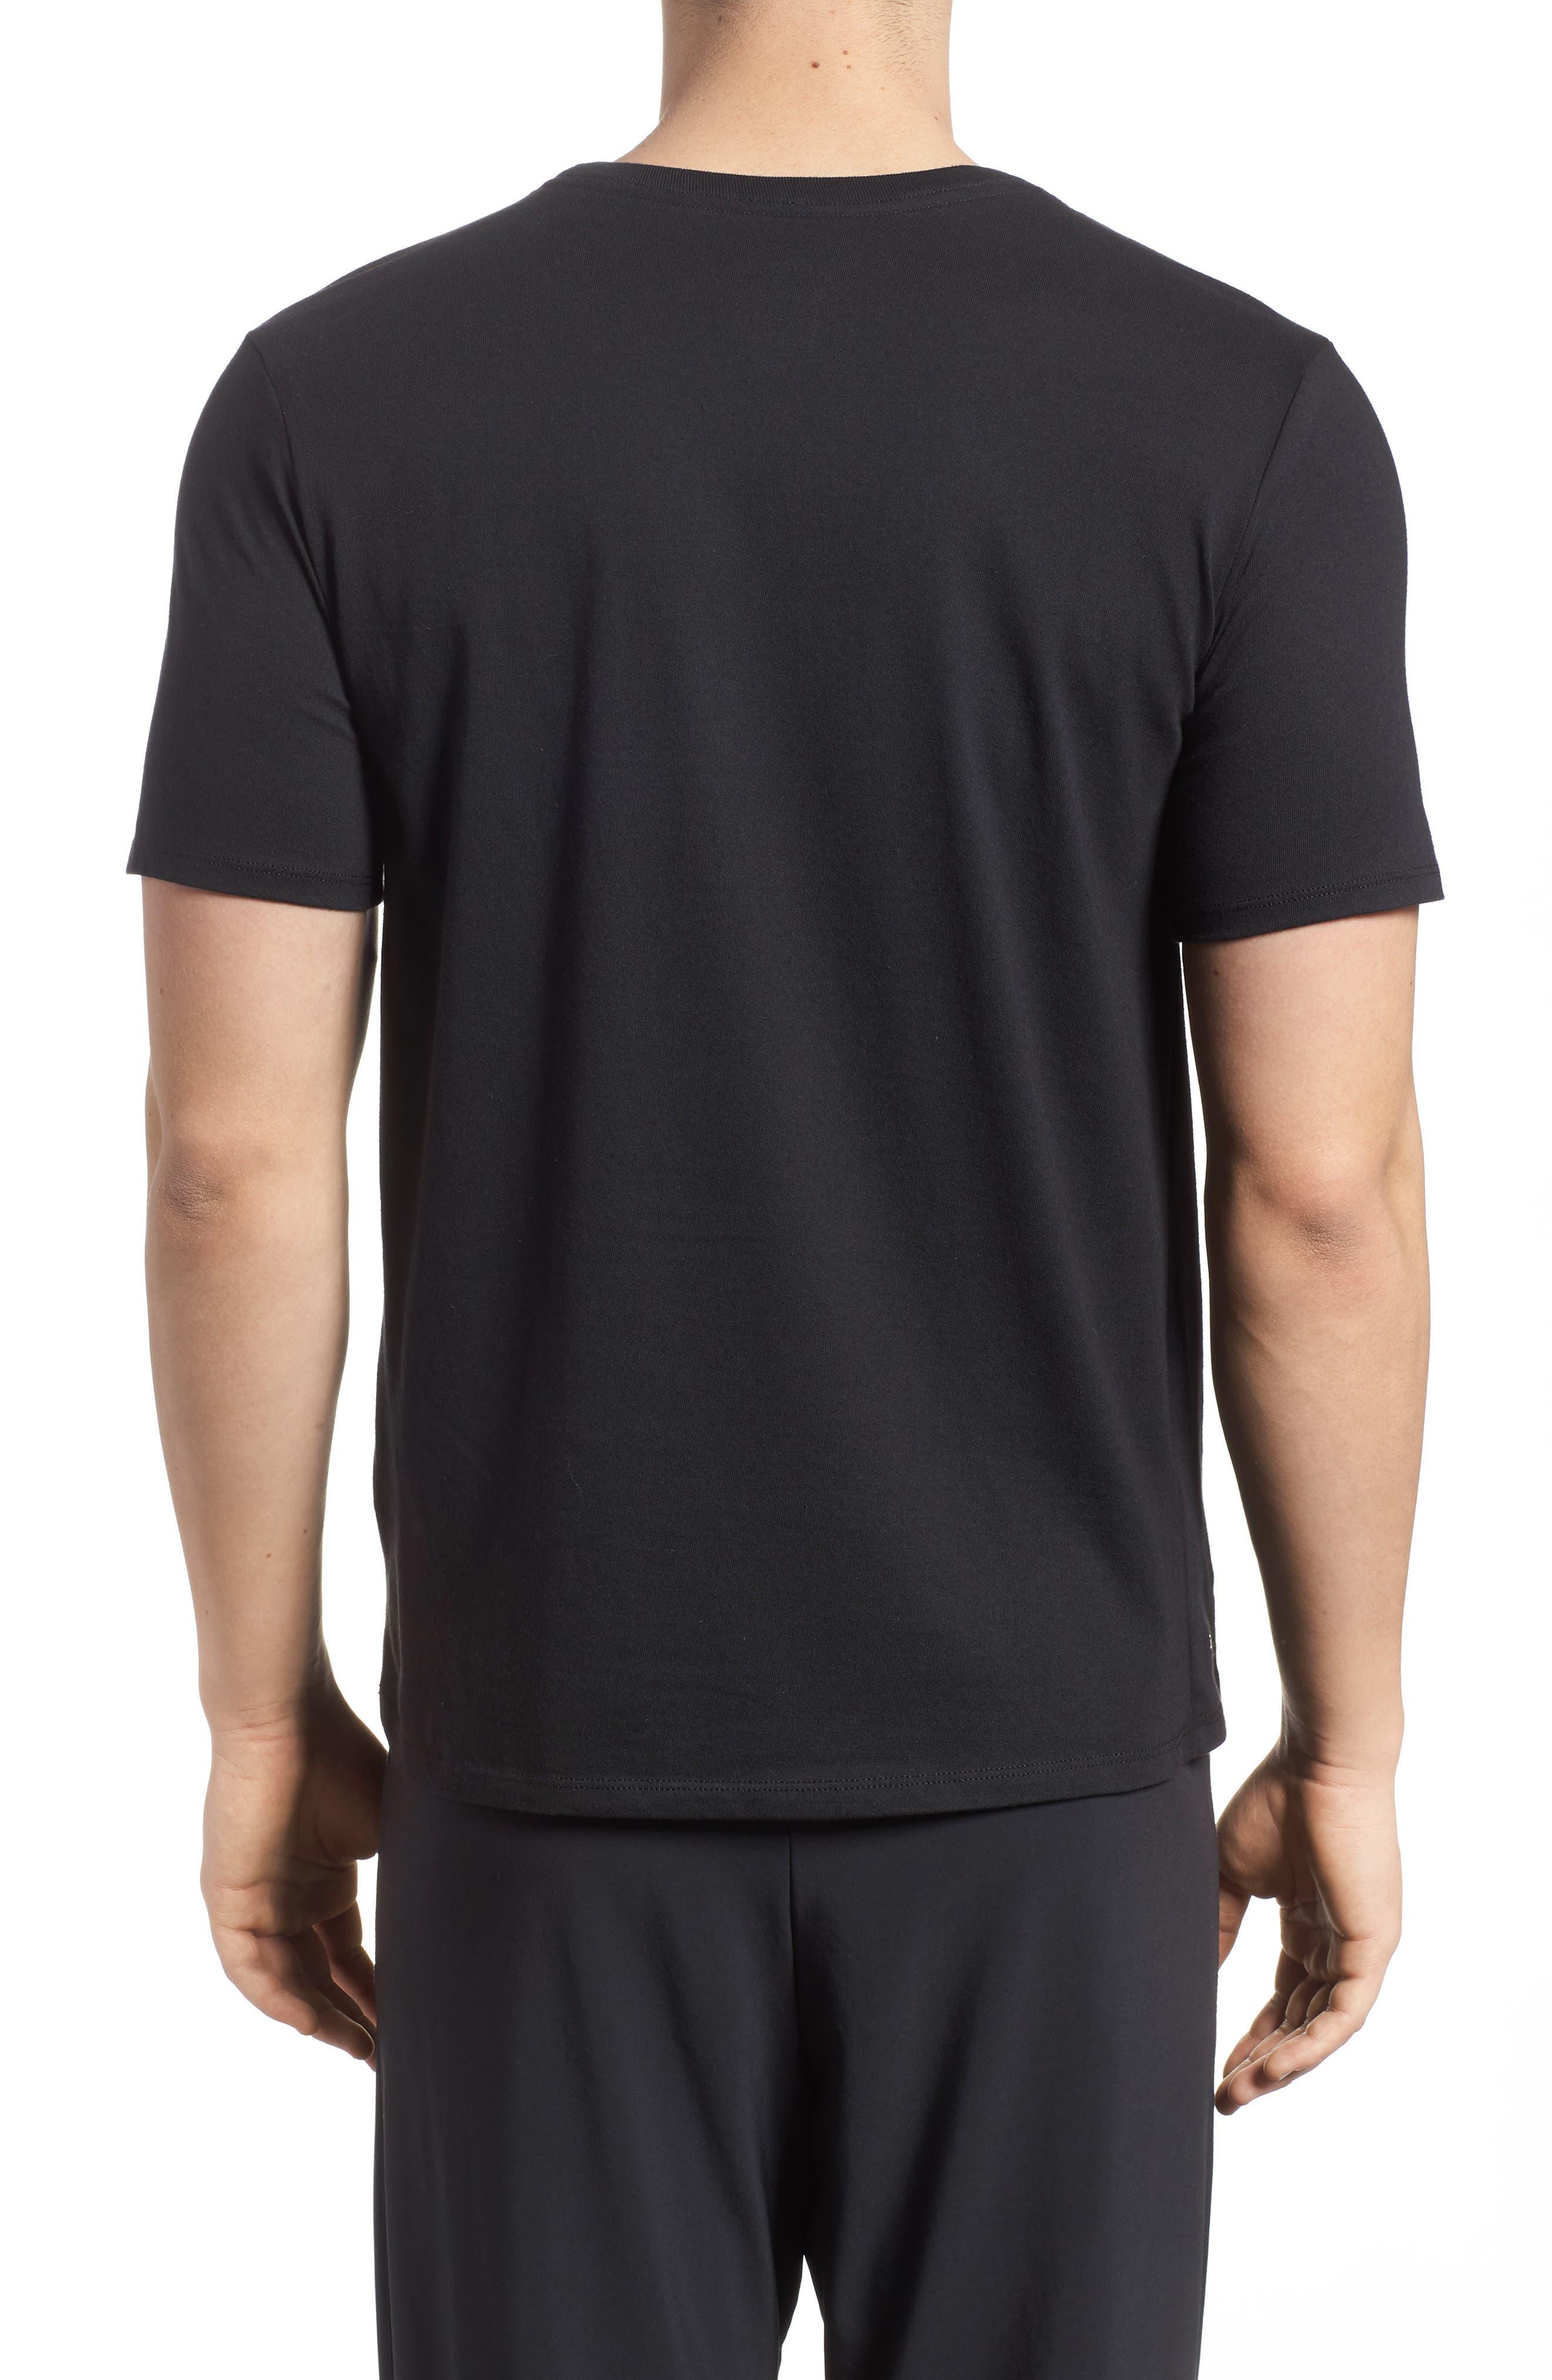 Dry Hoops T-Shirt,                             Alternate thumbnail 2, color,                             Black/ White